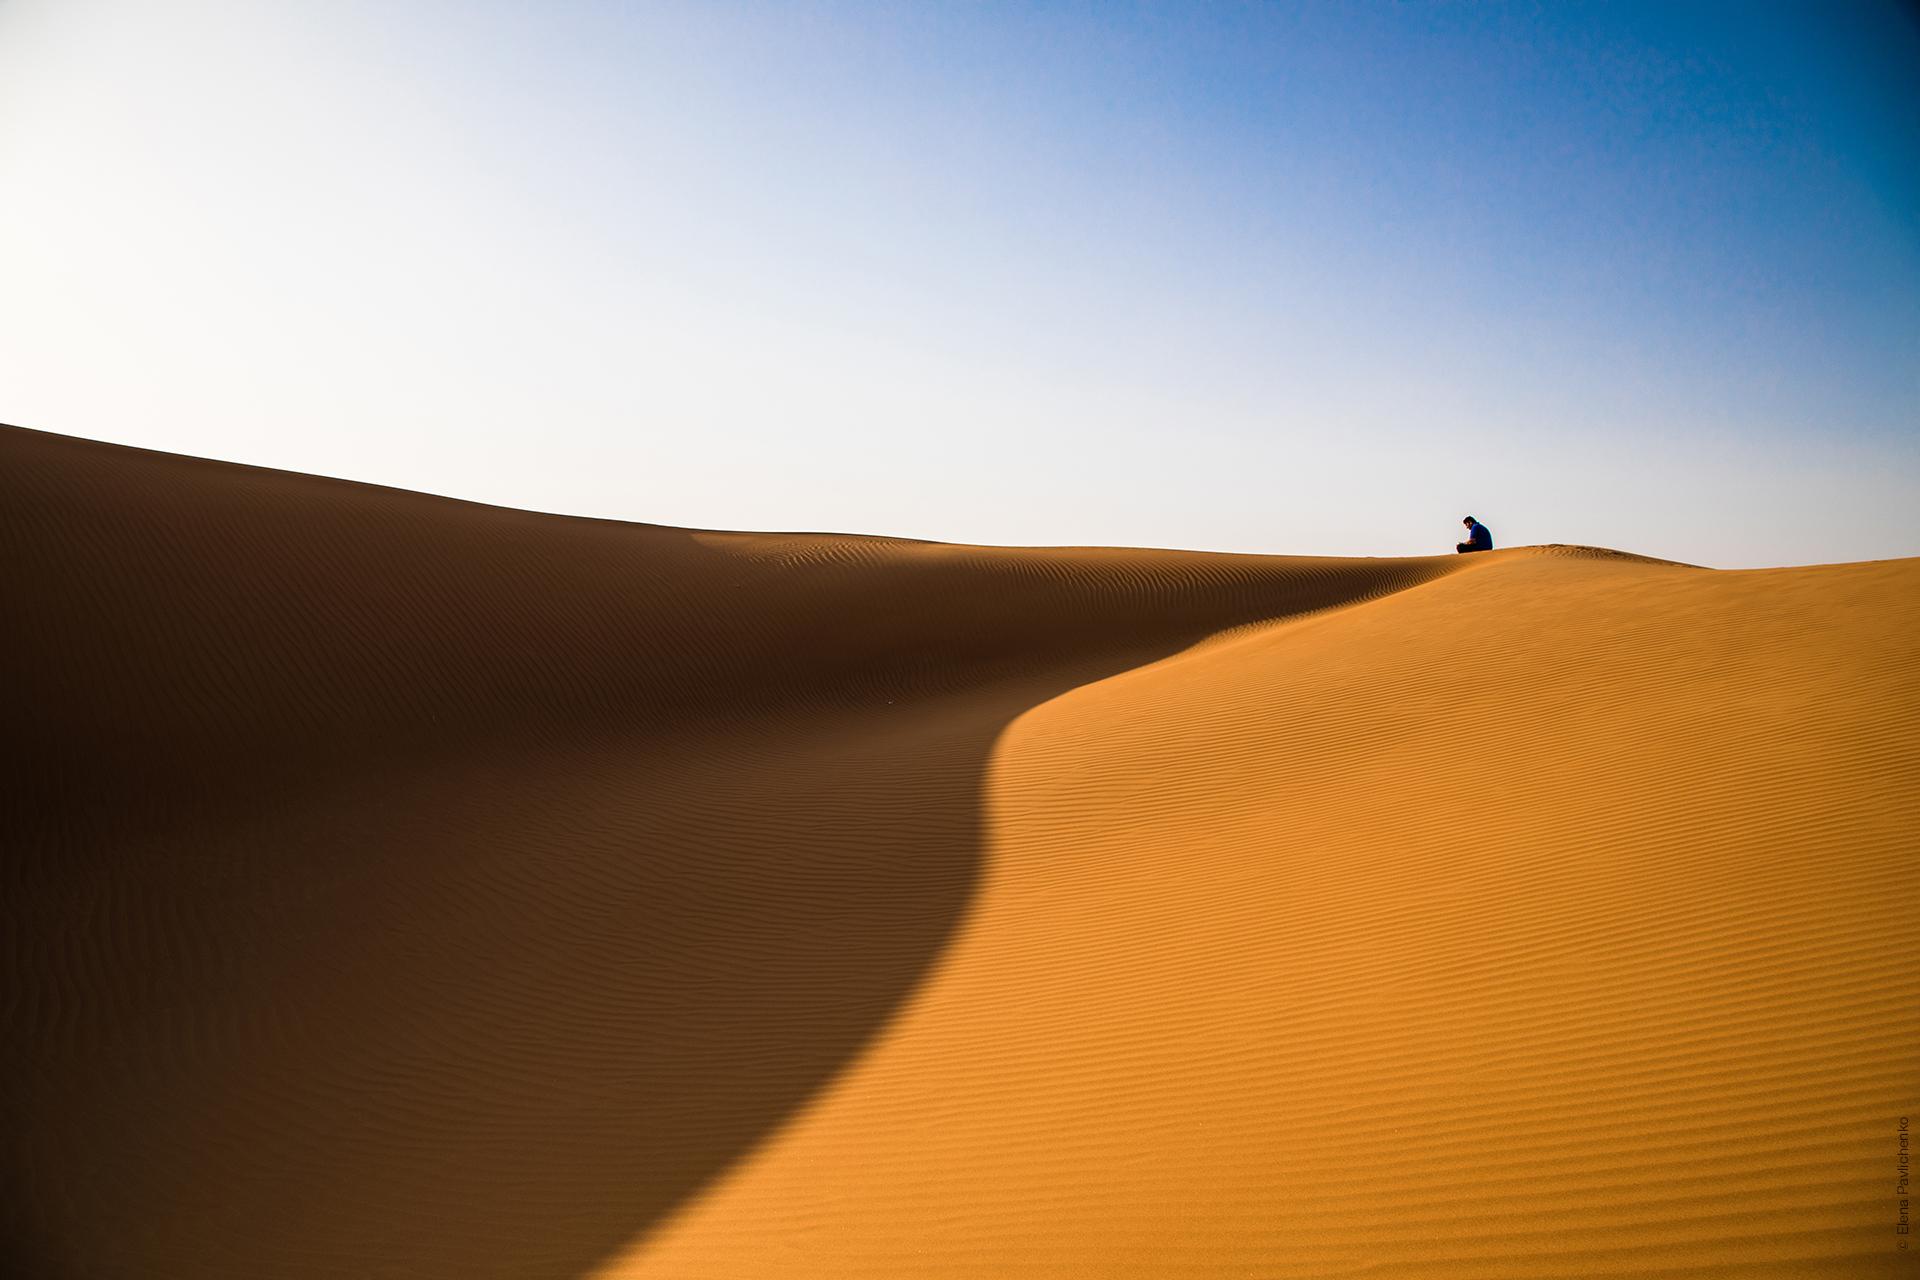 Намибия, человек в пустыне Аль-Хали